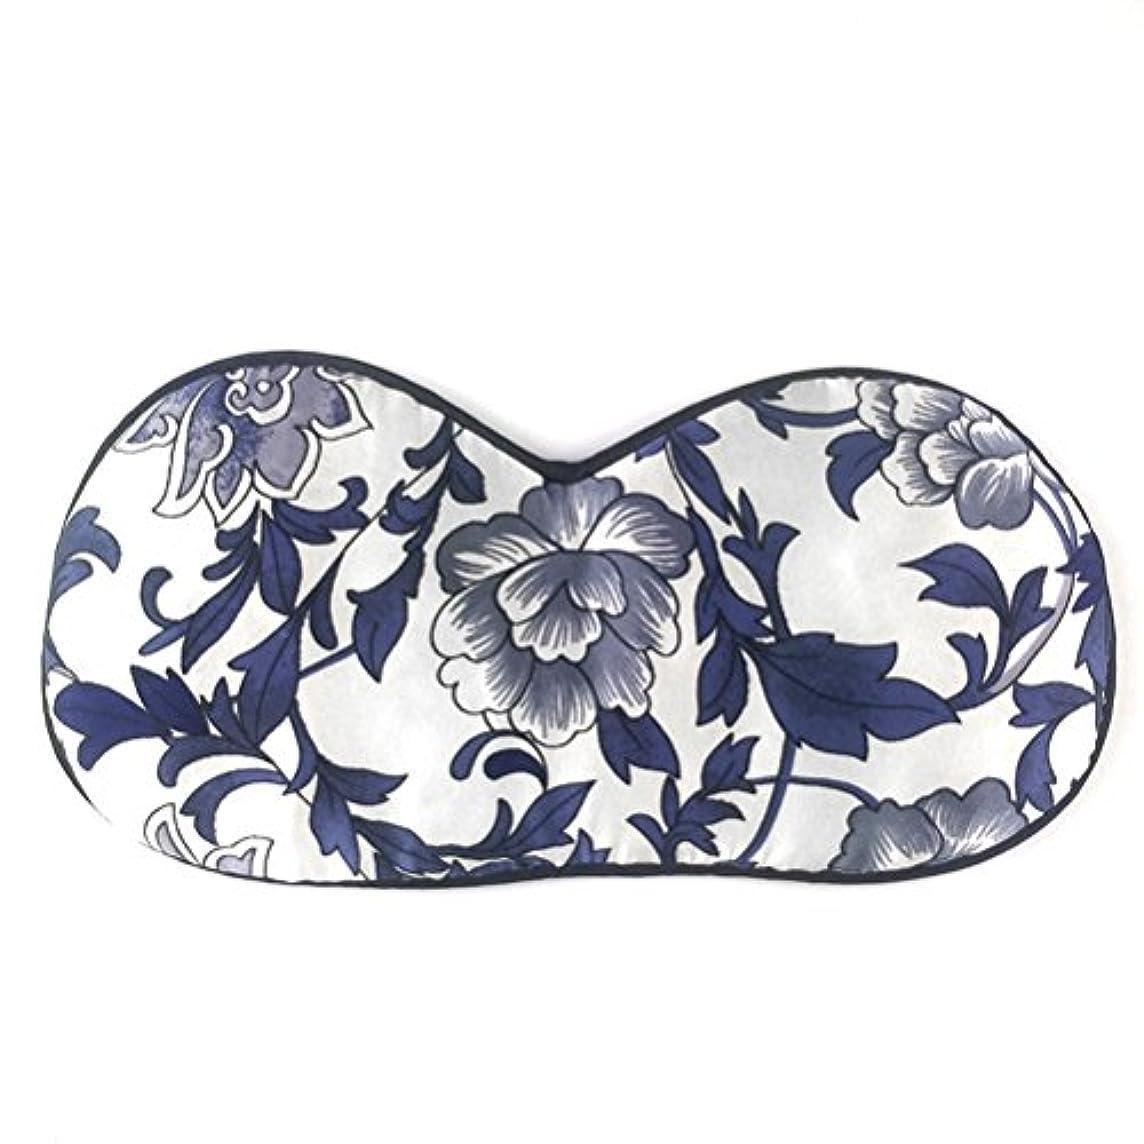 絶滅させる四思い出させるULTNICE シルク睡眠の目のマスク目隠しのアイシャドウ女性のための睡眠の昼寝の瞑想(青と白の磁器)